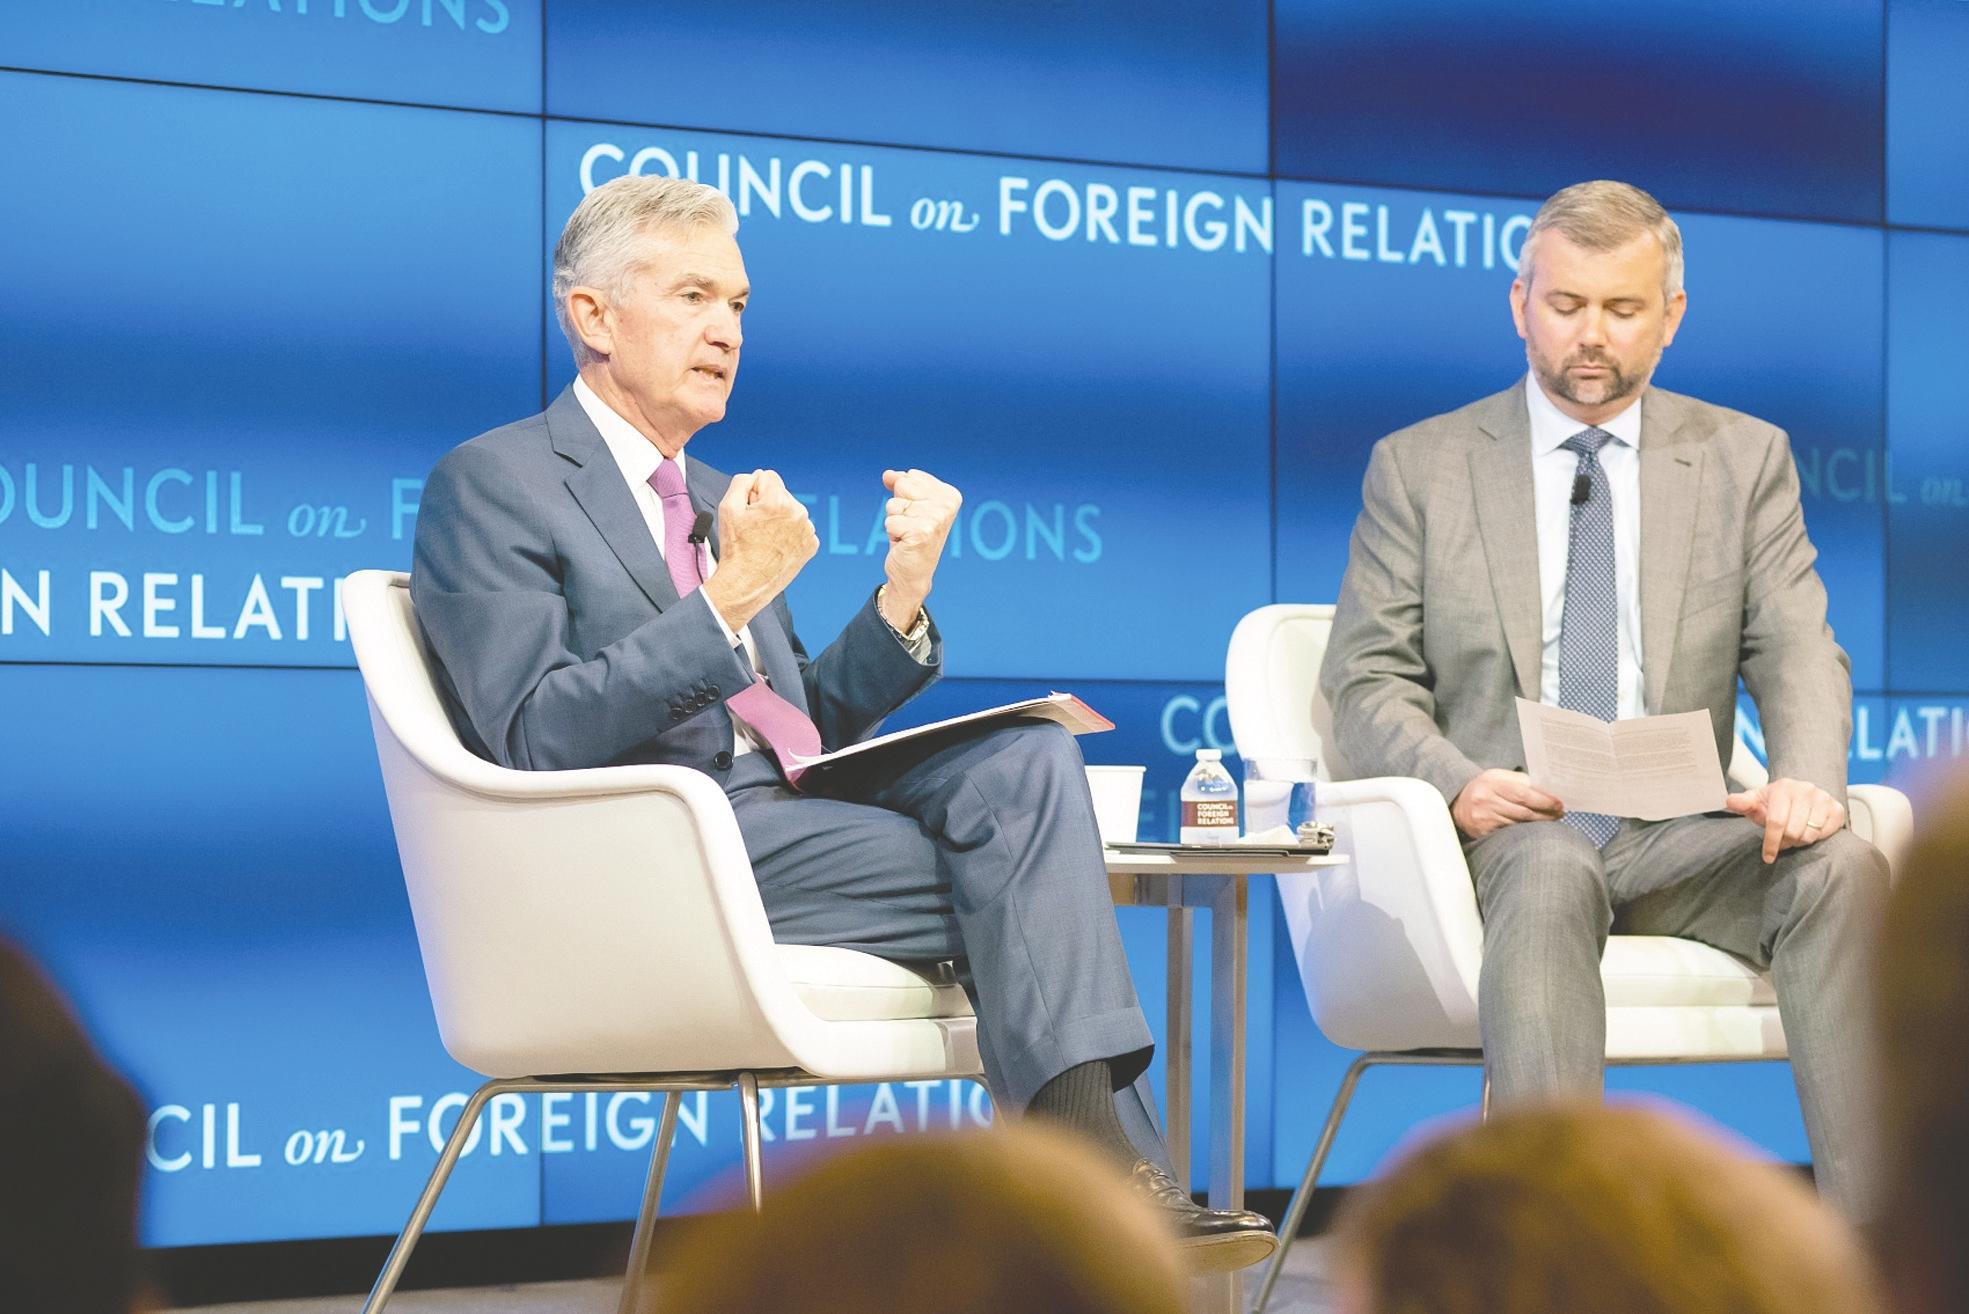 美联储主席鲍威尔:许多成员认为可能需要更加宽松的货币政策